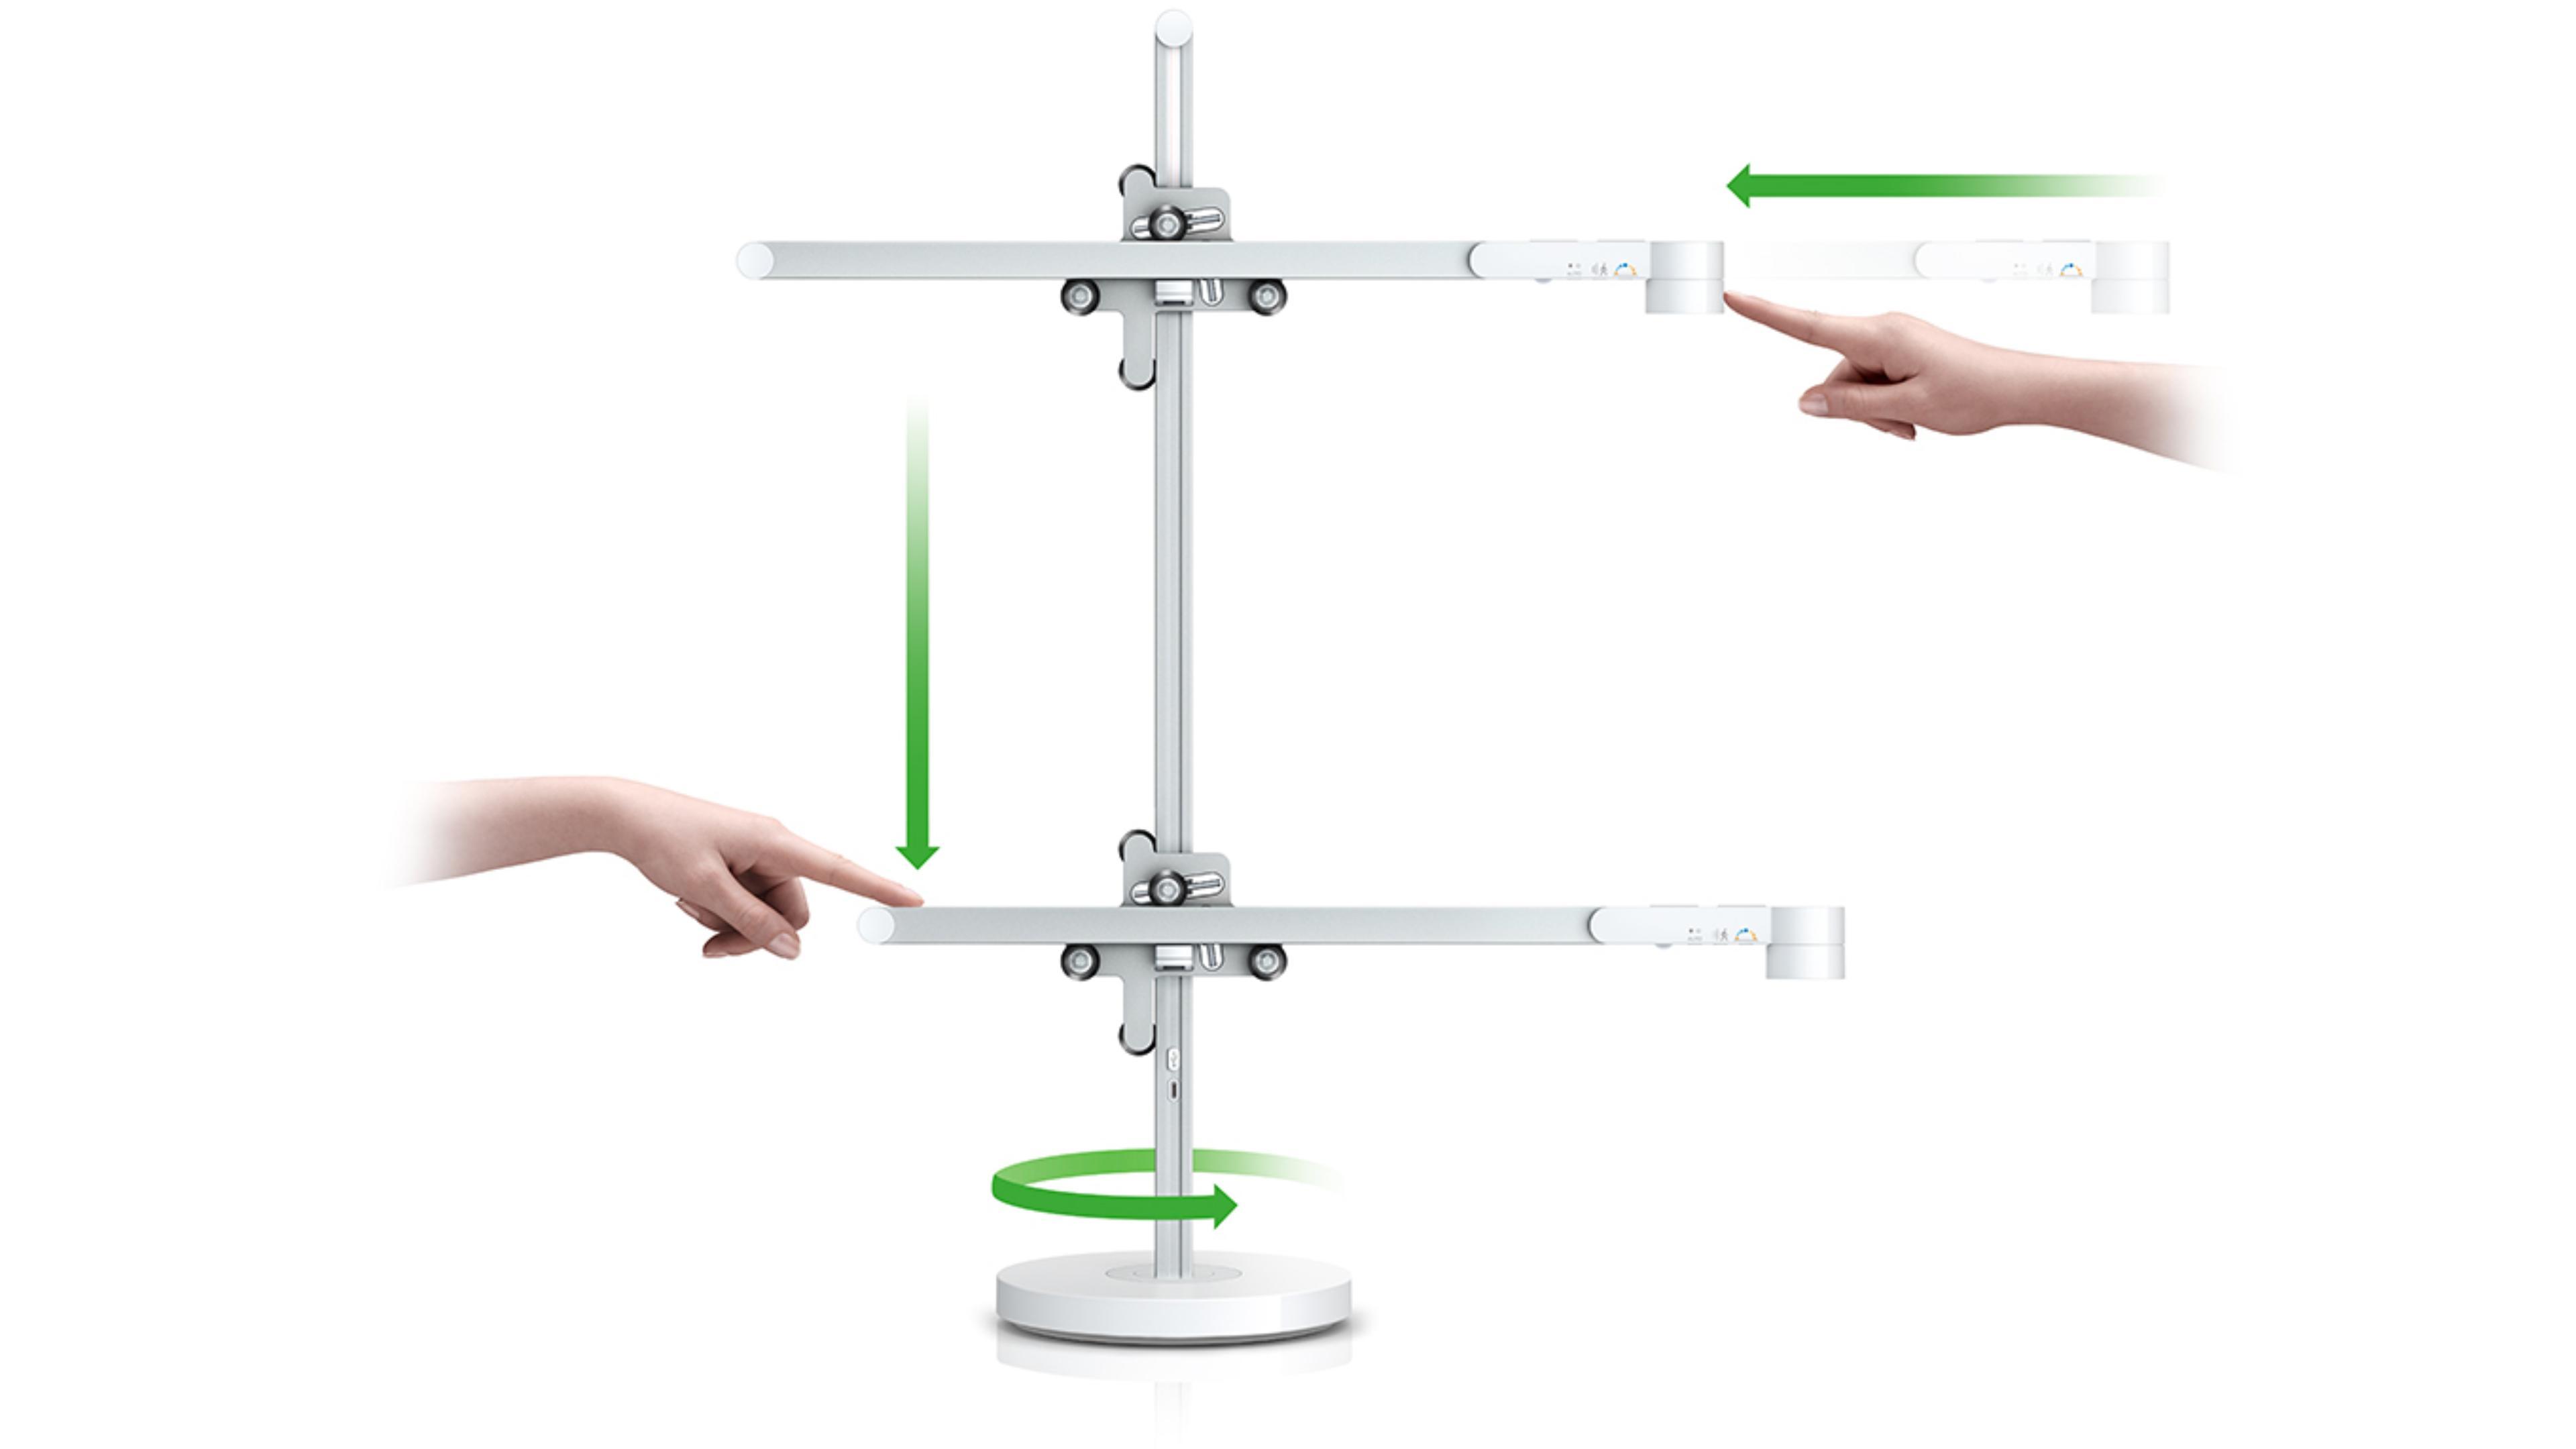 Posicionamiento vertical, hortizontal y 360 de la lámpara Dyson LightCycle